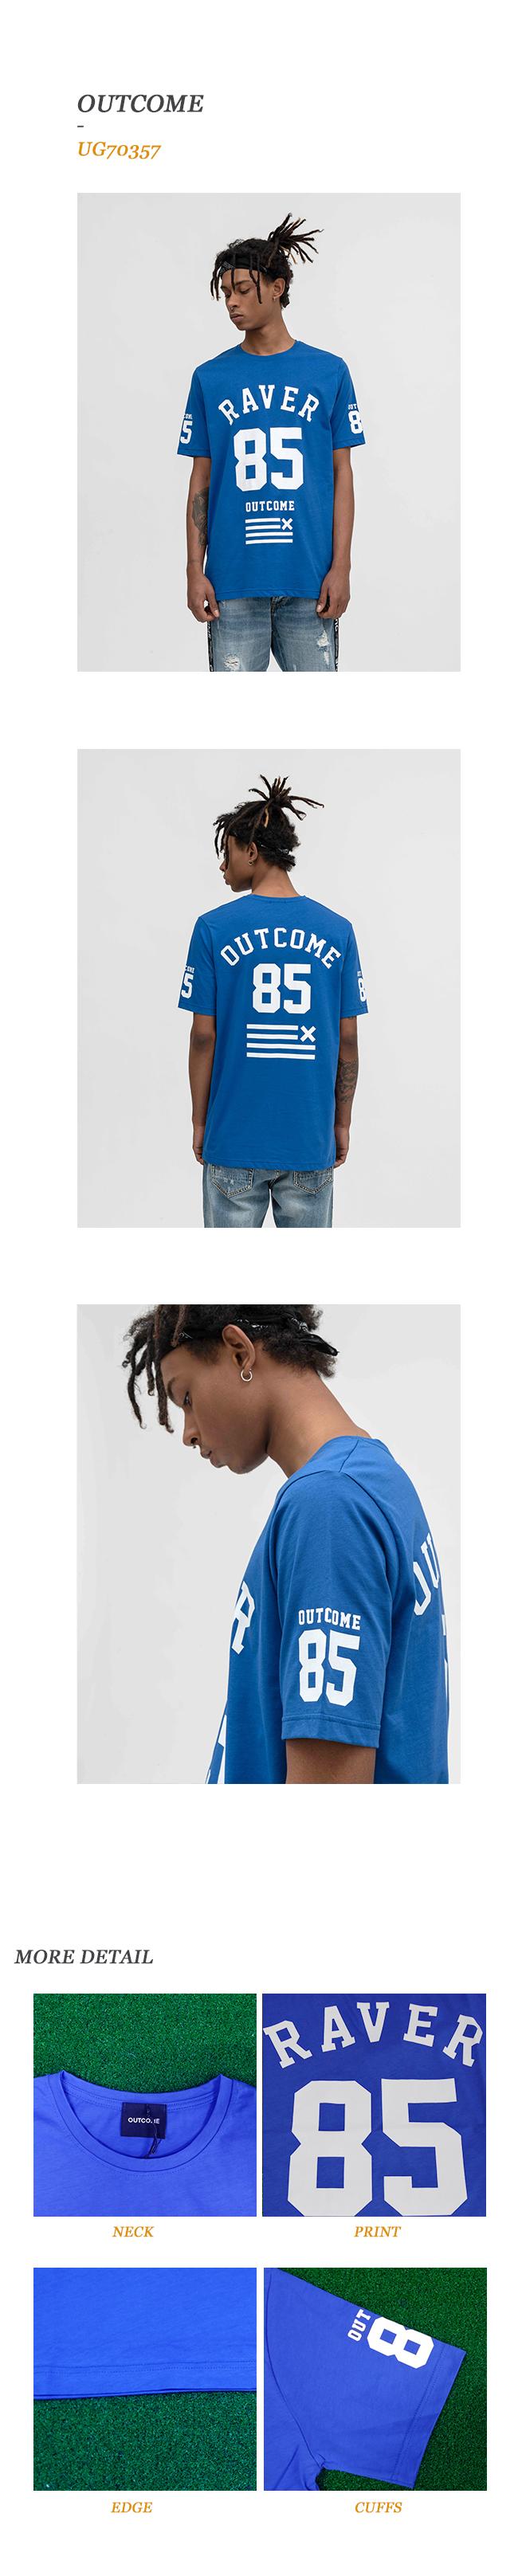 지아니루포(GIANNI LUPO) UG70357 그래피티 반팔 티셔츠(BL)